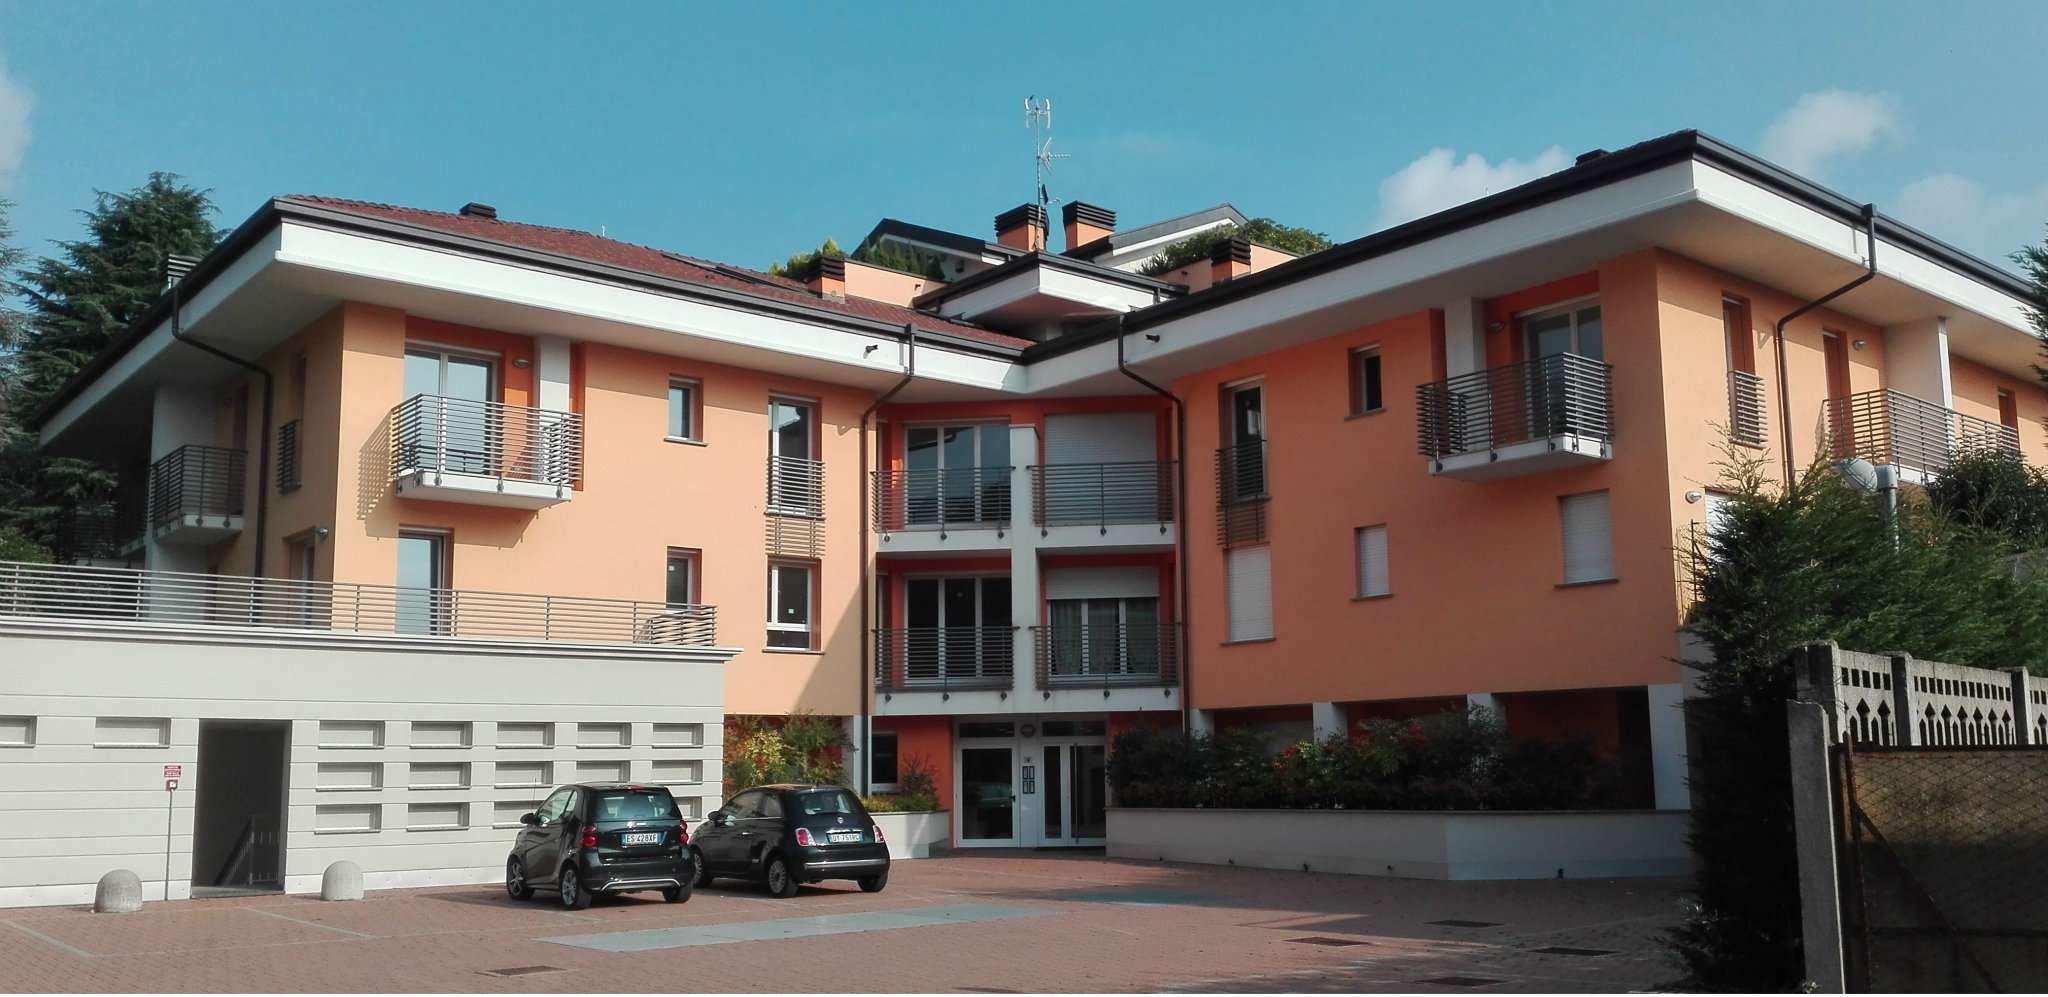 Appartamento in vendita a Bulciago, 3 locali, prezzo € 170.000 | Cambio Casa.it